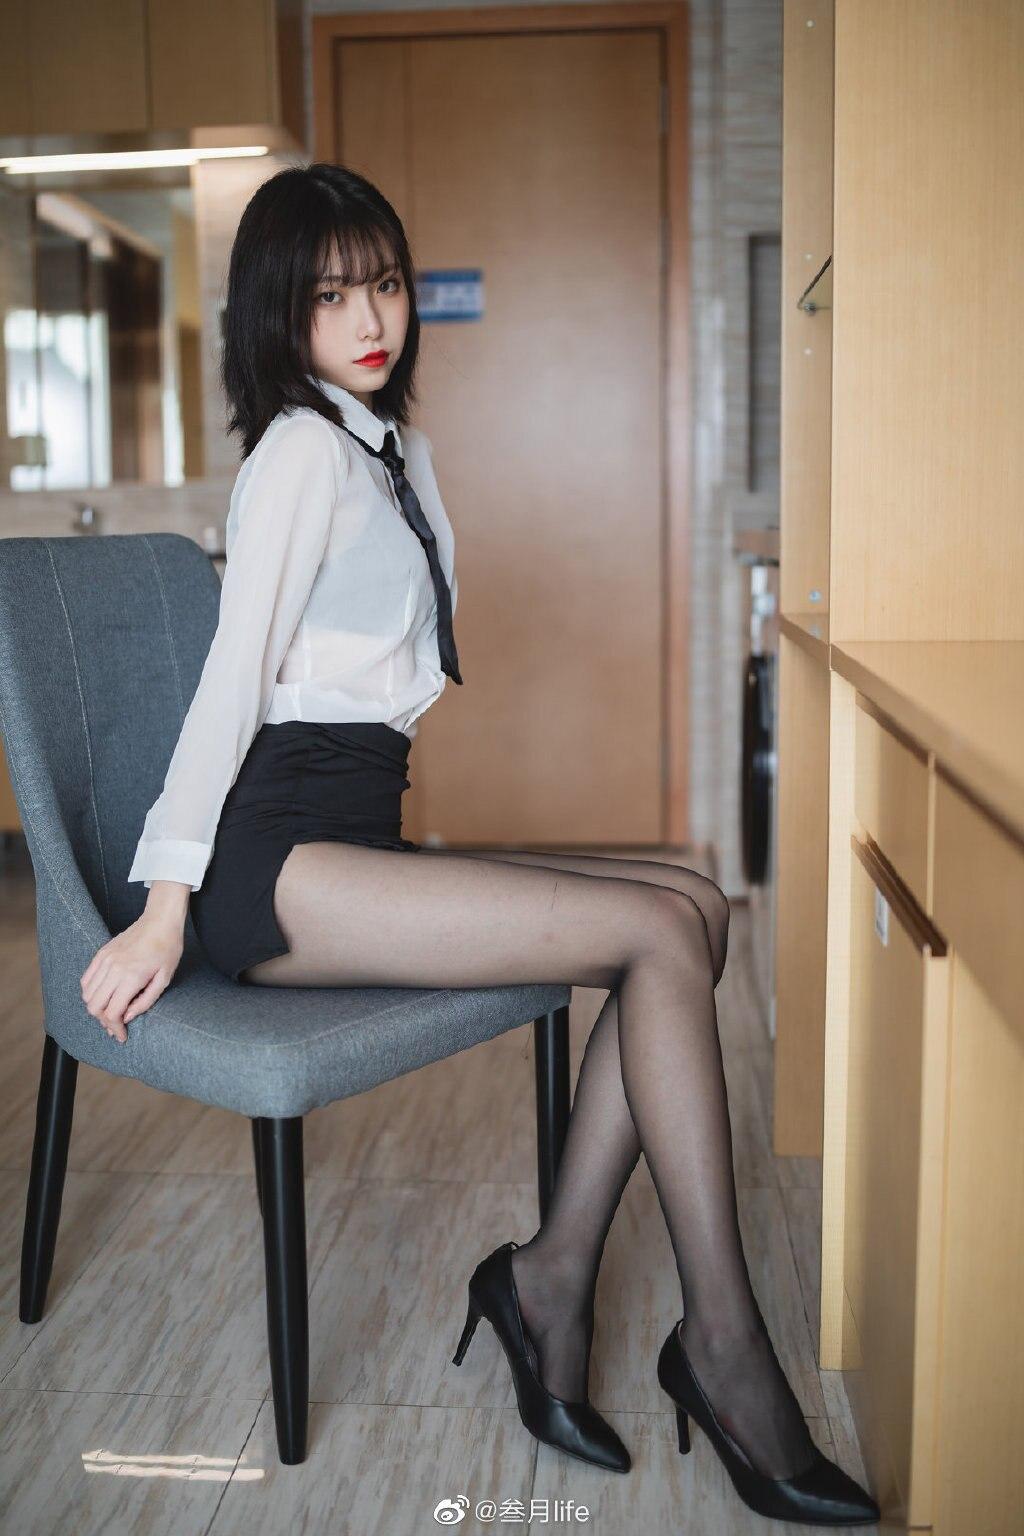 好标准的OL呀@许岚LAN 这么漂亮的腿不登三轮可惜了!插图8